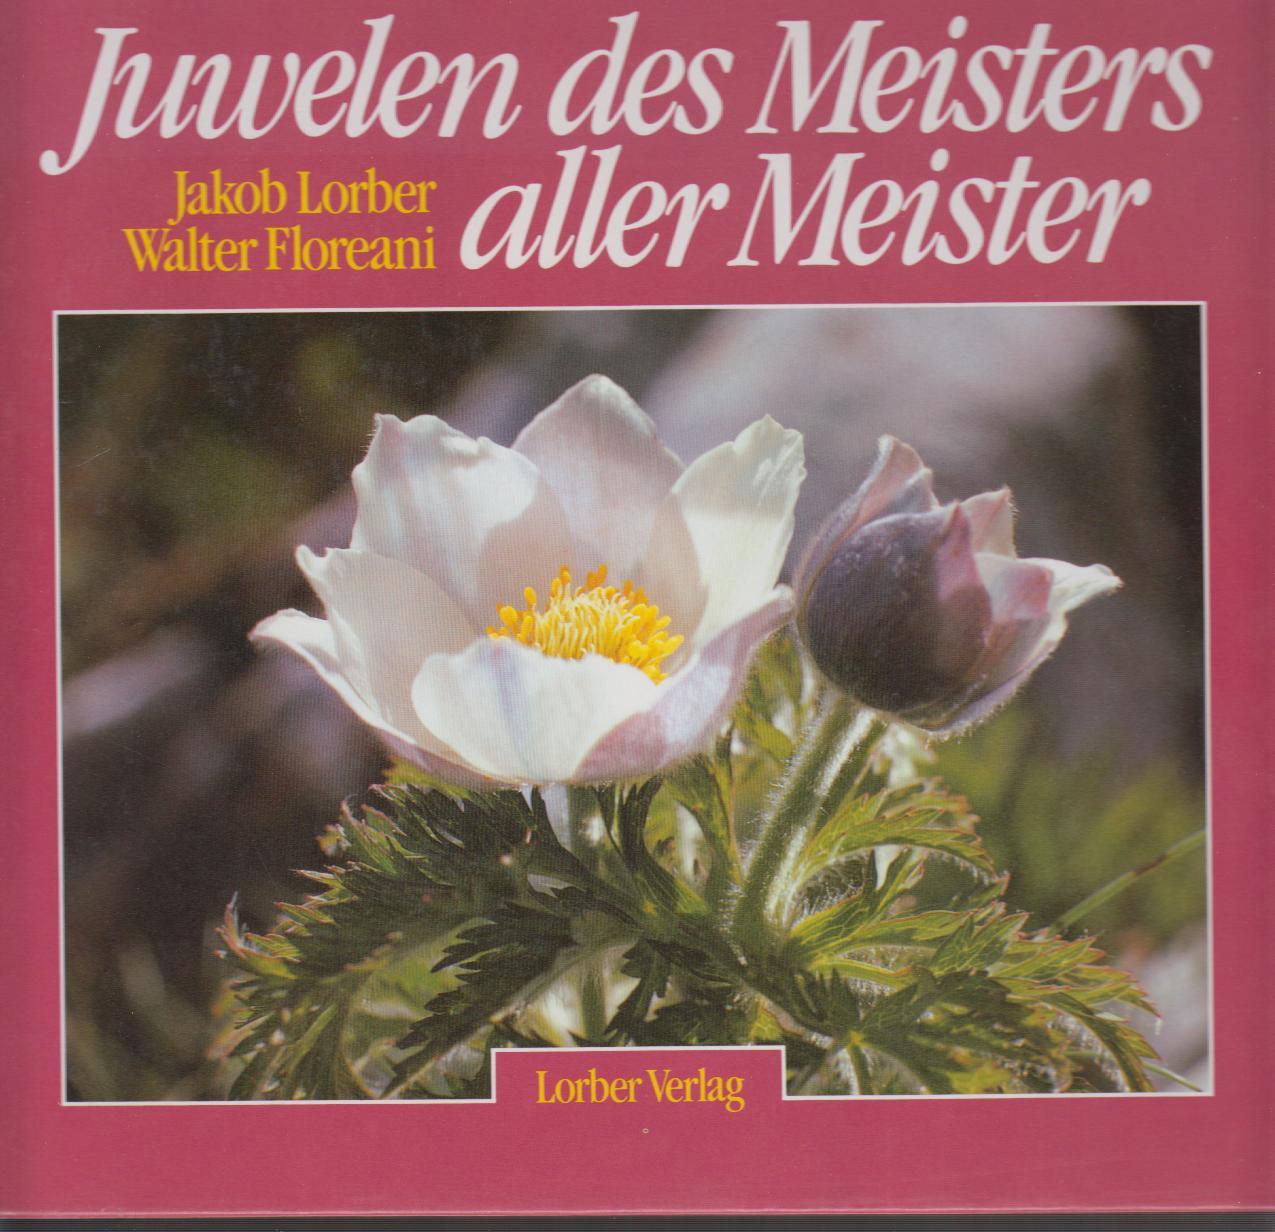 Juwelen des Meisters aller Meister. - Bietigheim : Lorber [Deutsche Ausg.].